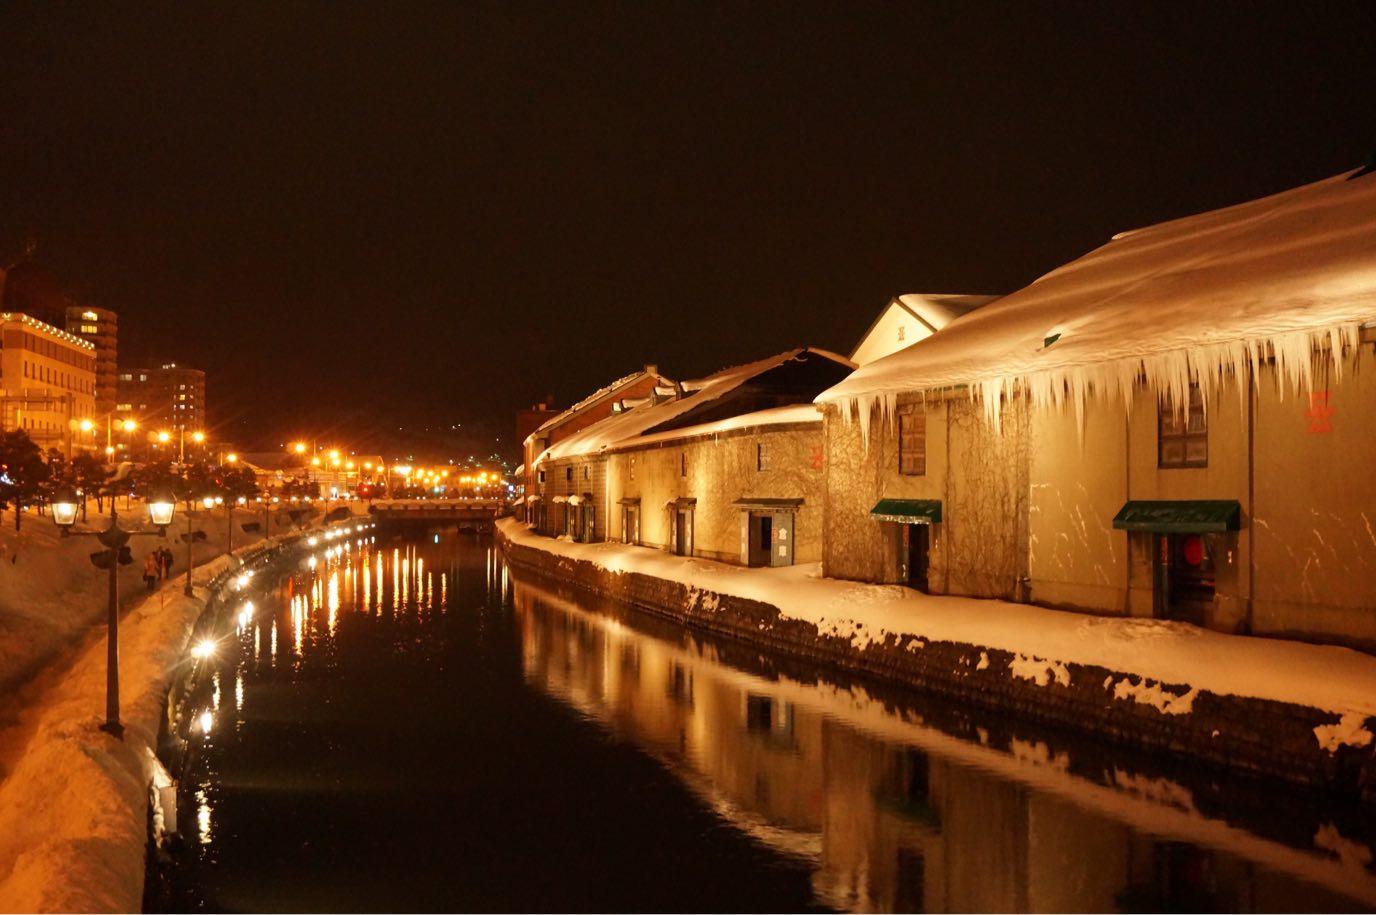 冬の小樽運河の幻想的なライトアップが美しい+小樽ビールを堪能♪【日本一周鉄道旅行記その13】